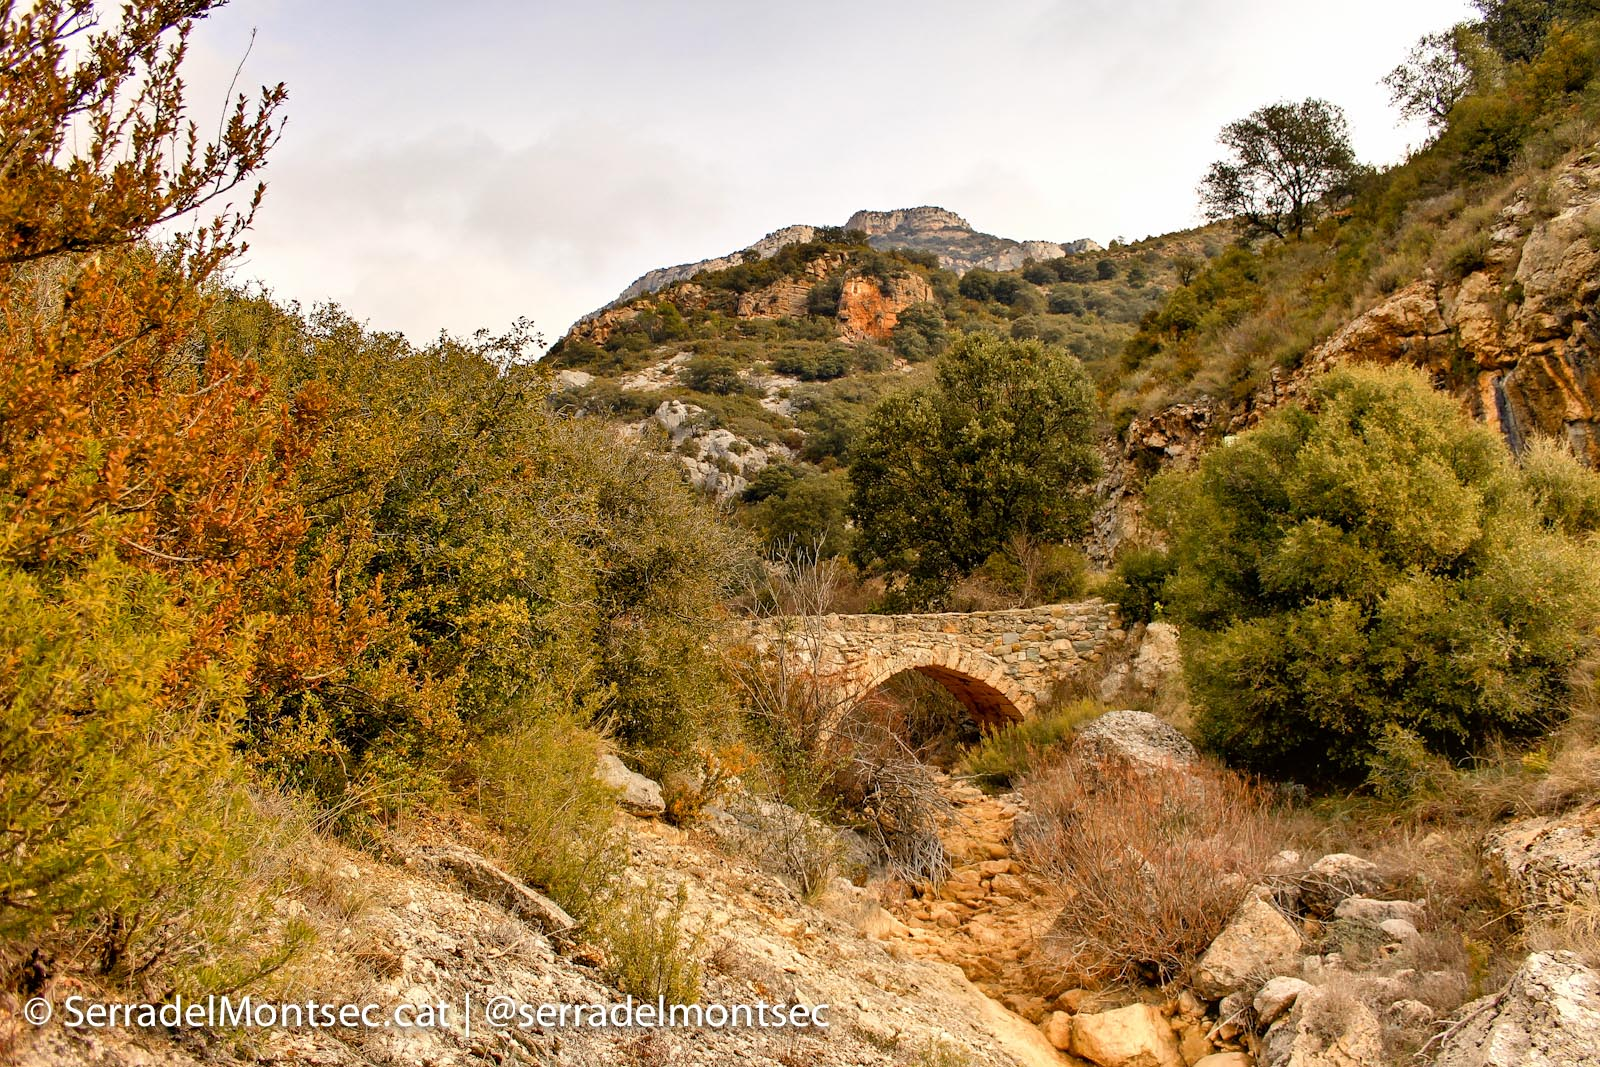 Pont de la Gata i el Camí de l'Escala del Pas Nou. Vilanova de Meià, La Noguera. Montsec